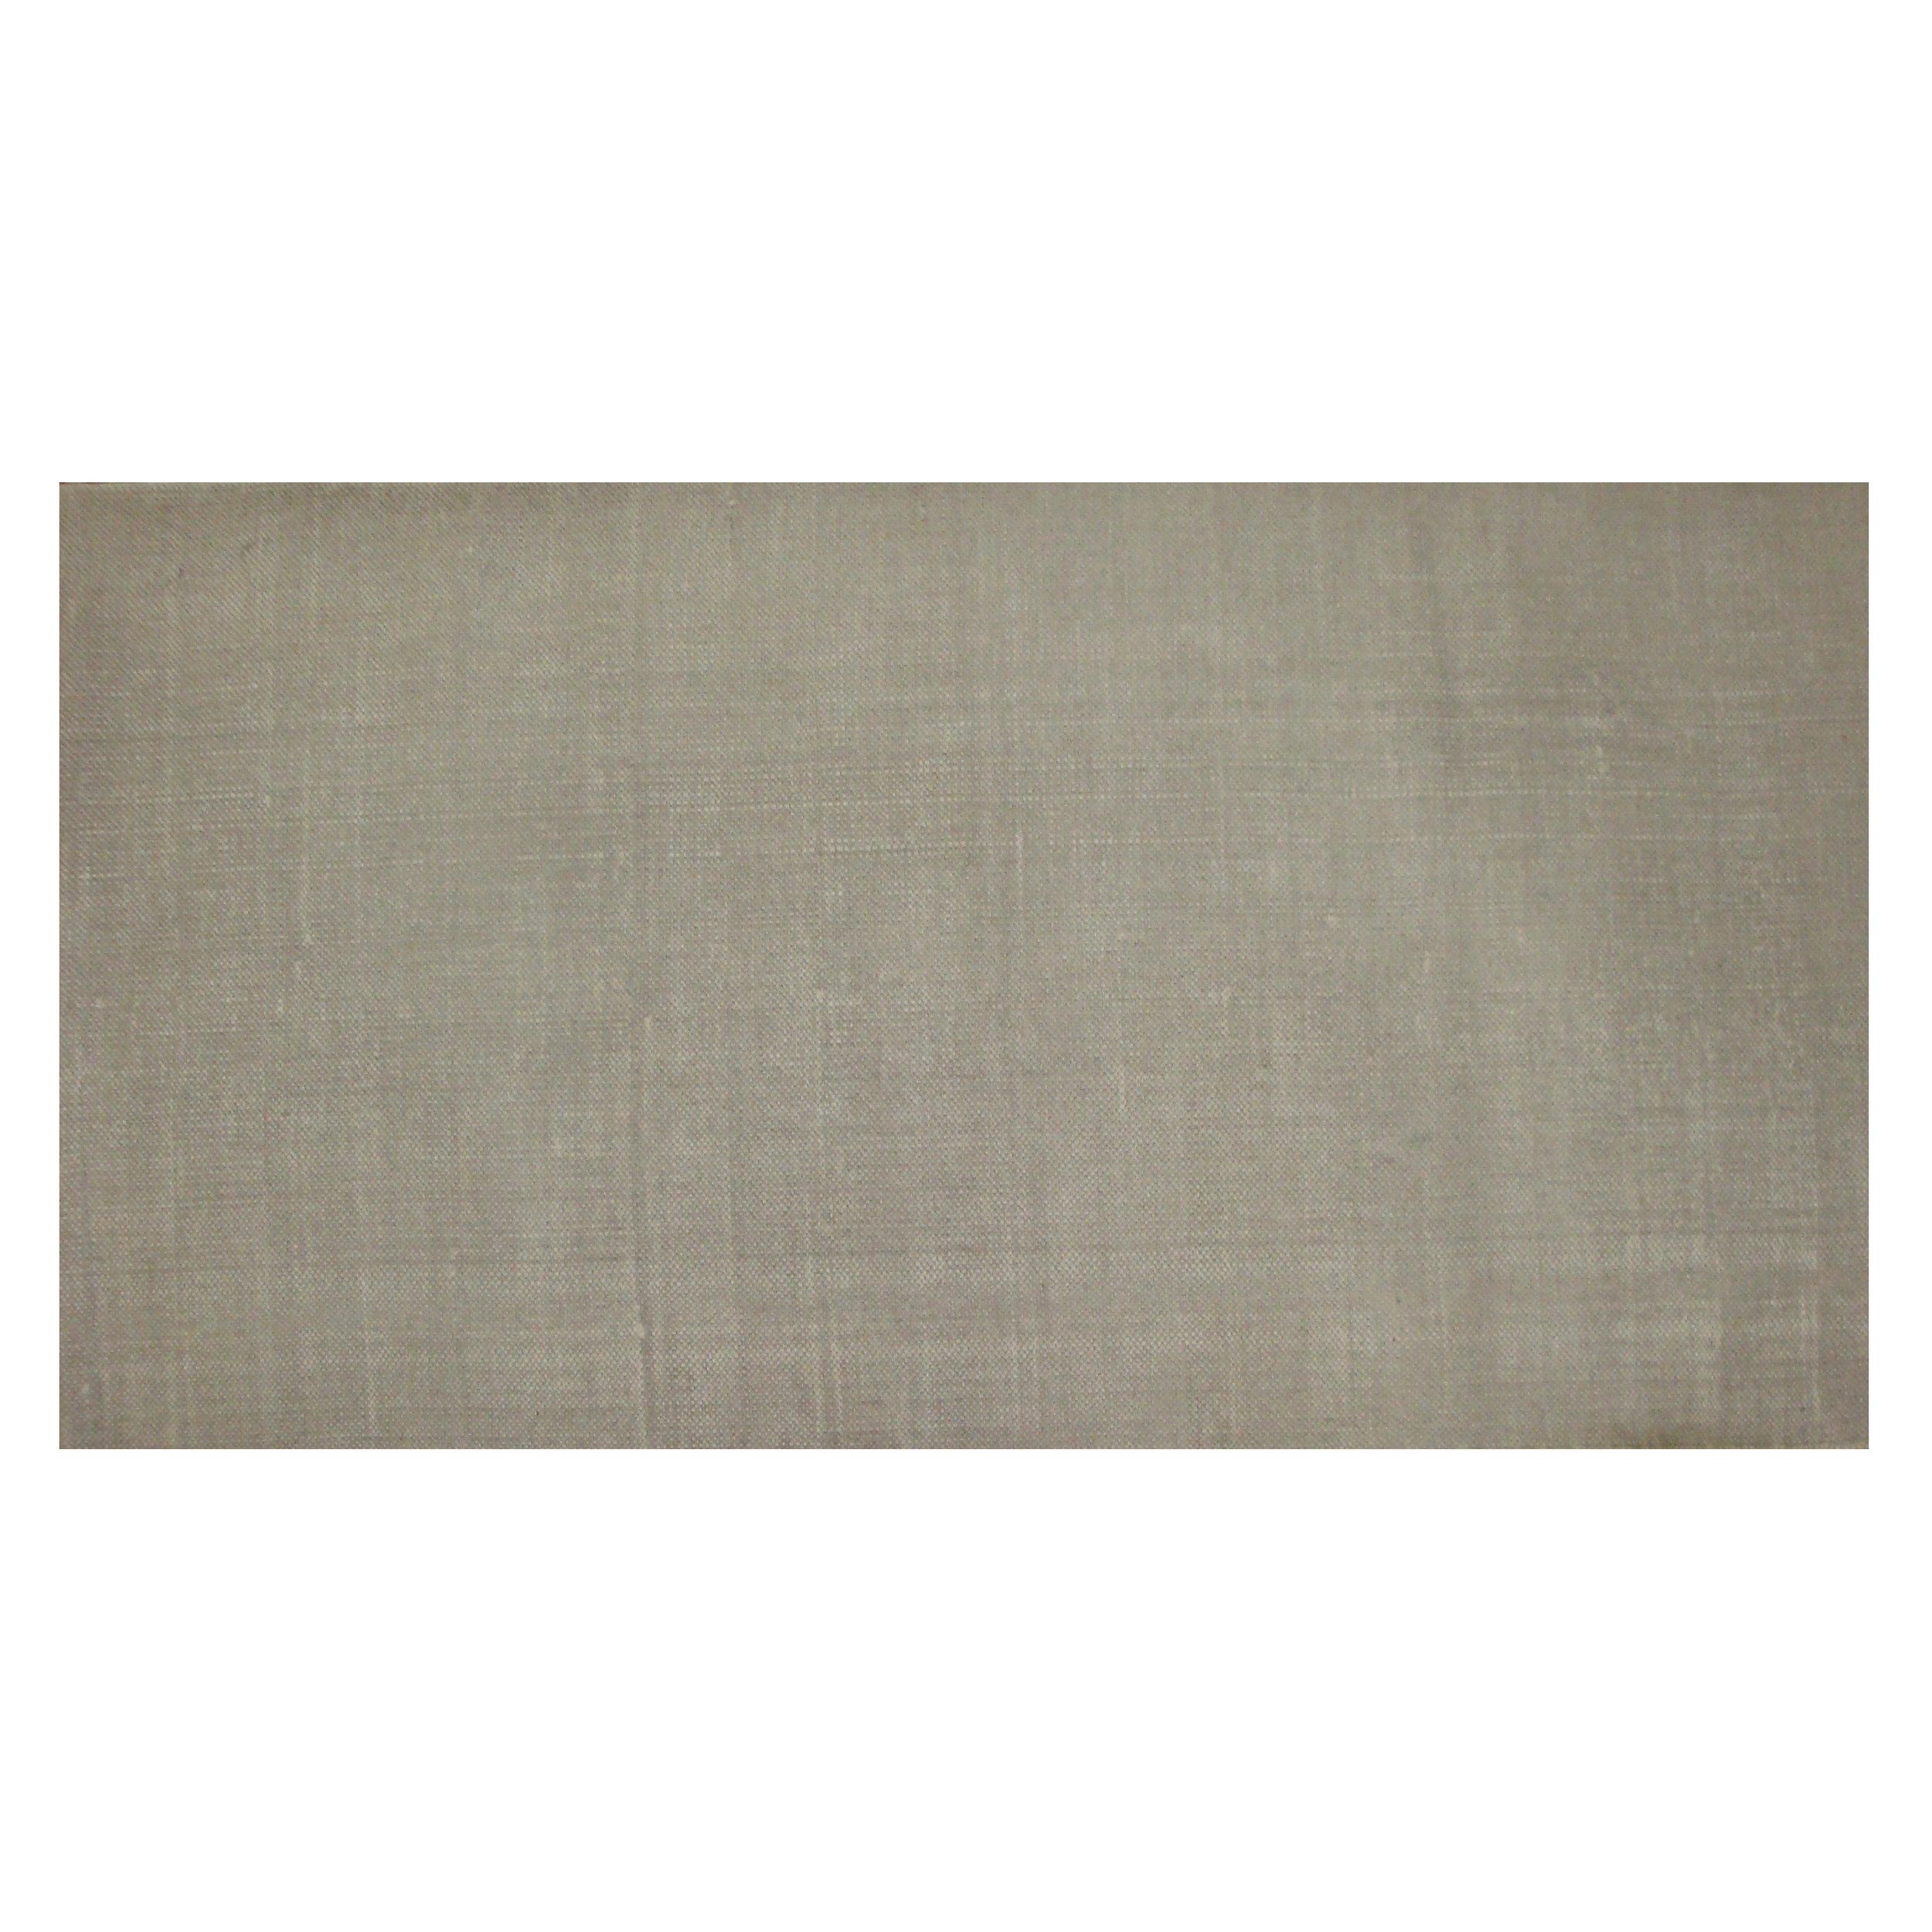 HÄMÄRÄ - matto, aavikko ja asfaltti   100 % Cotton, 70 x 140 cm / 80 x 200 cm   29,95 € / 49,95 €